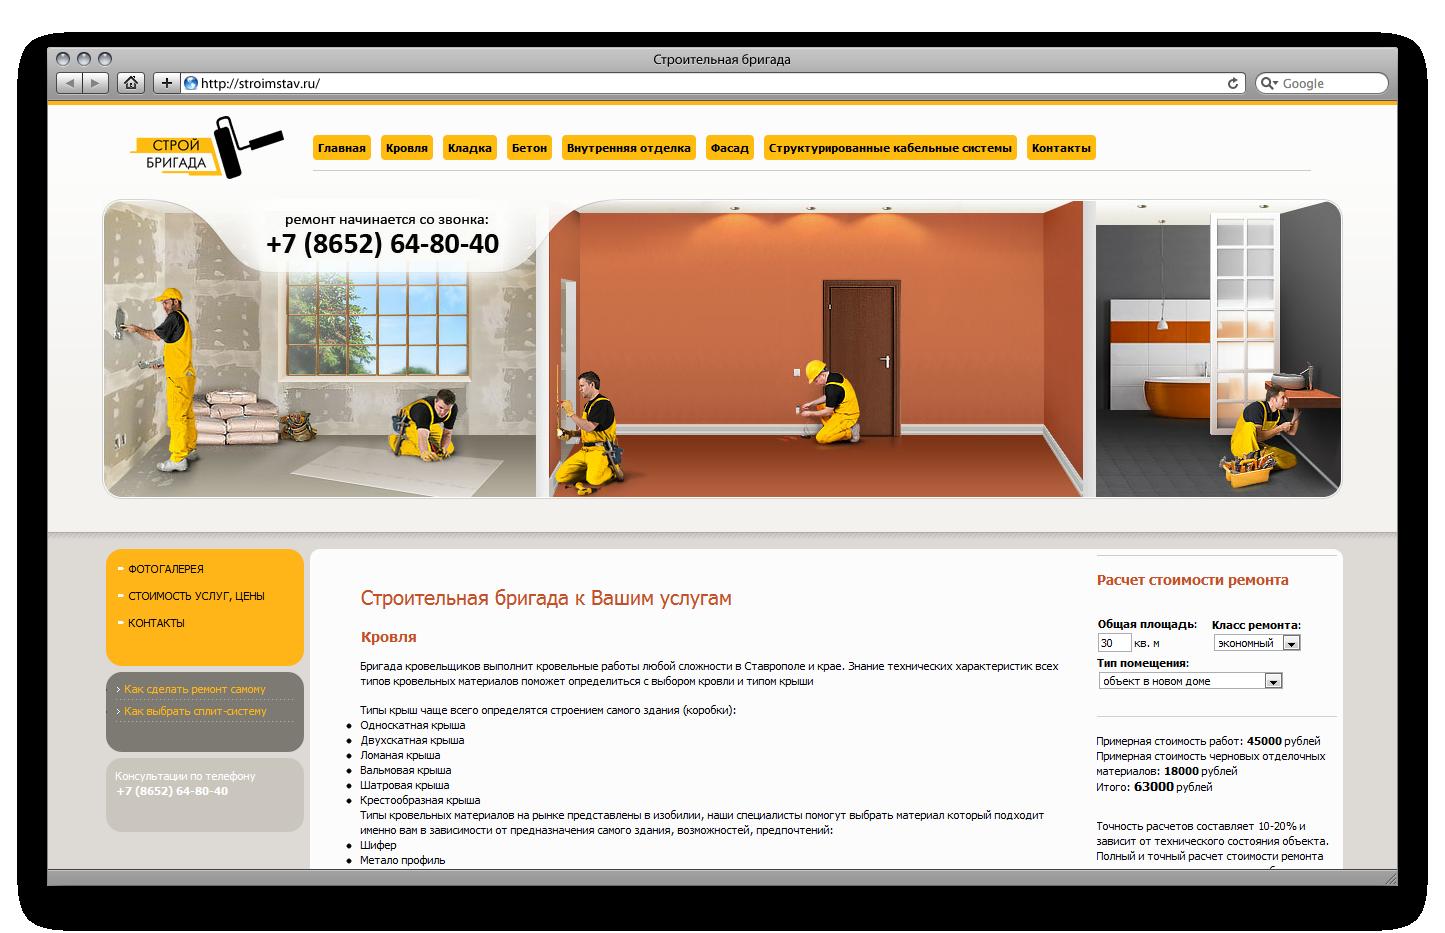 Продвижение сайта строительной компании бонприкс как сделать заказ в интернет магазине